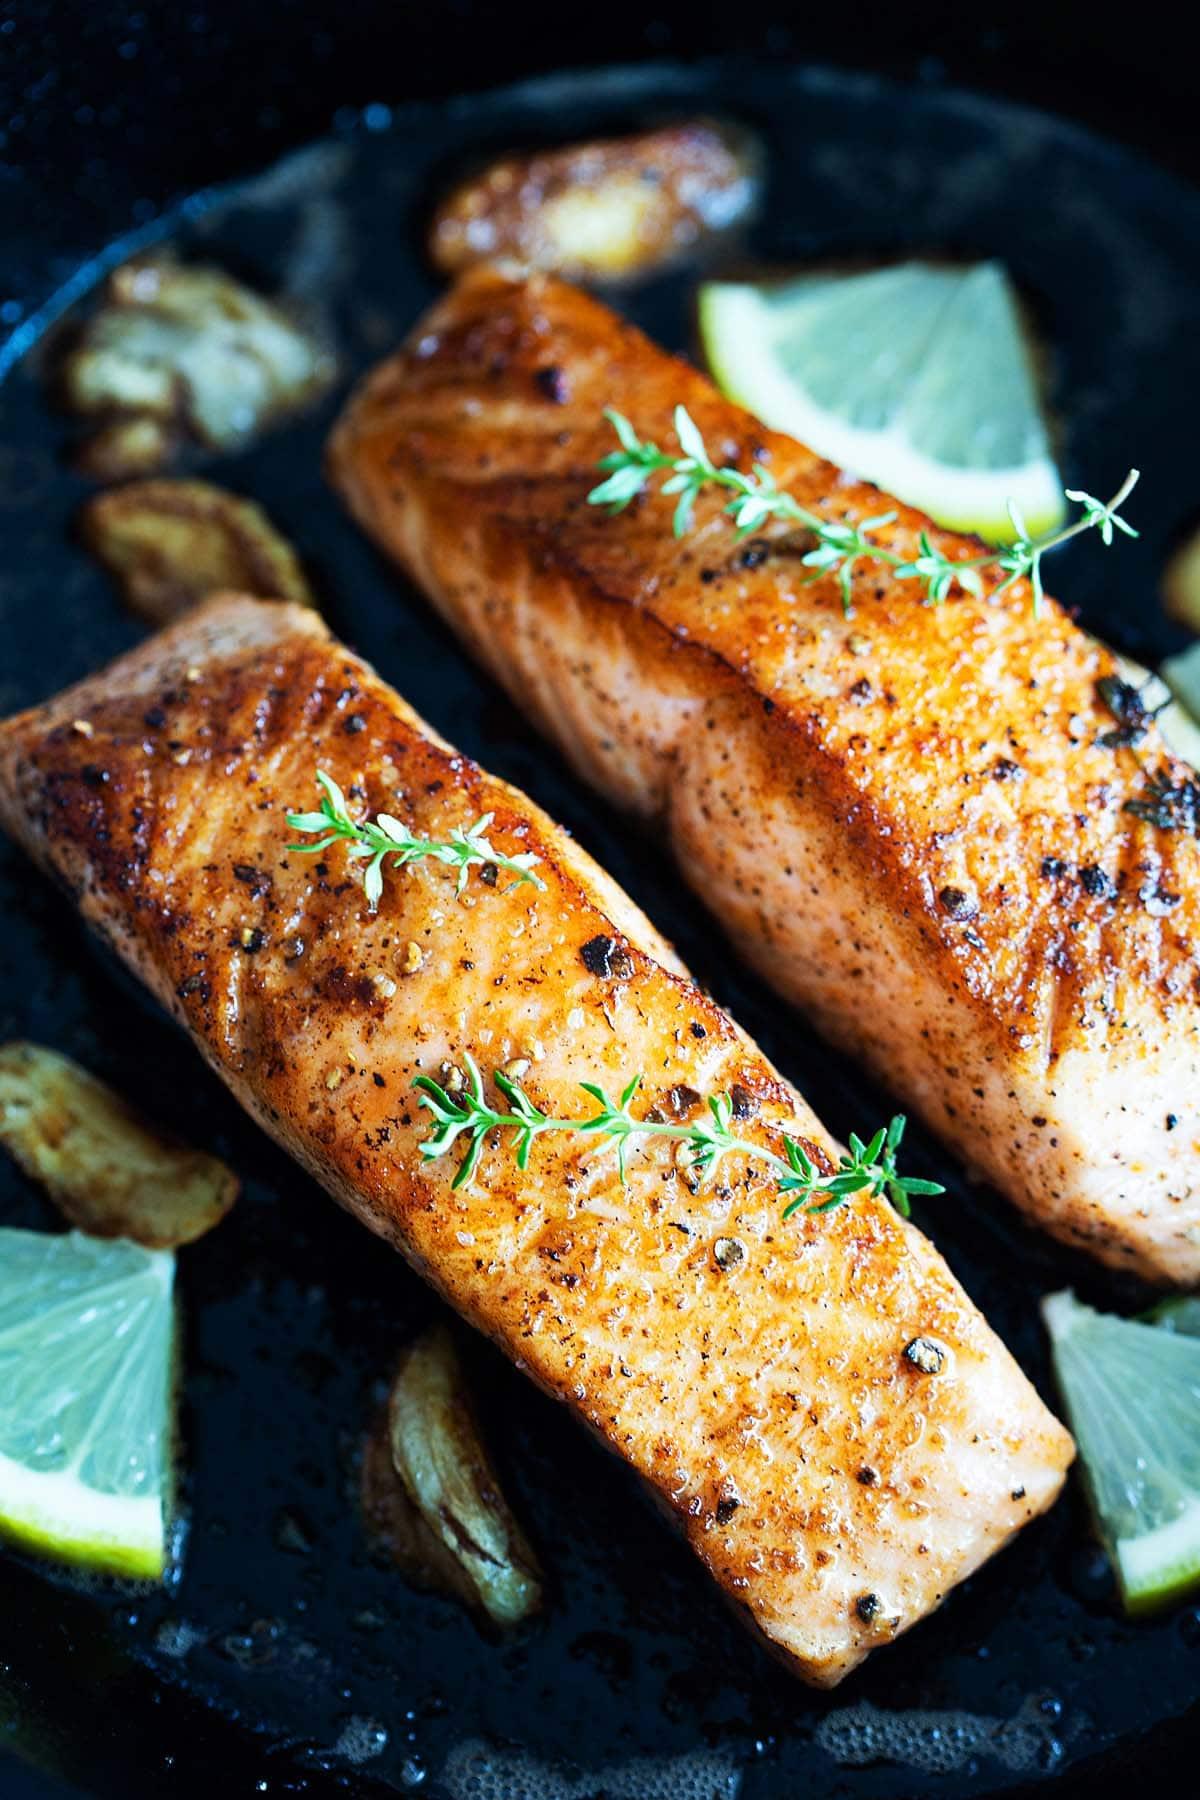 Recette de saumon poêlé avec ail, beurre et thym.